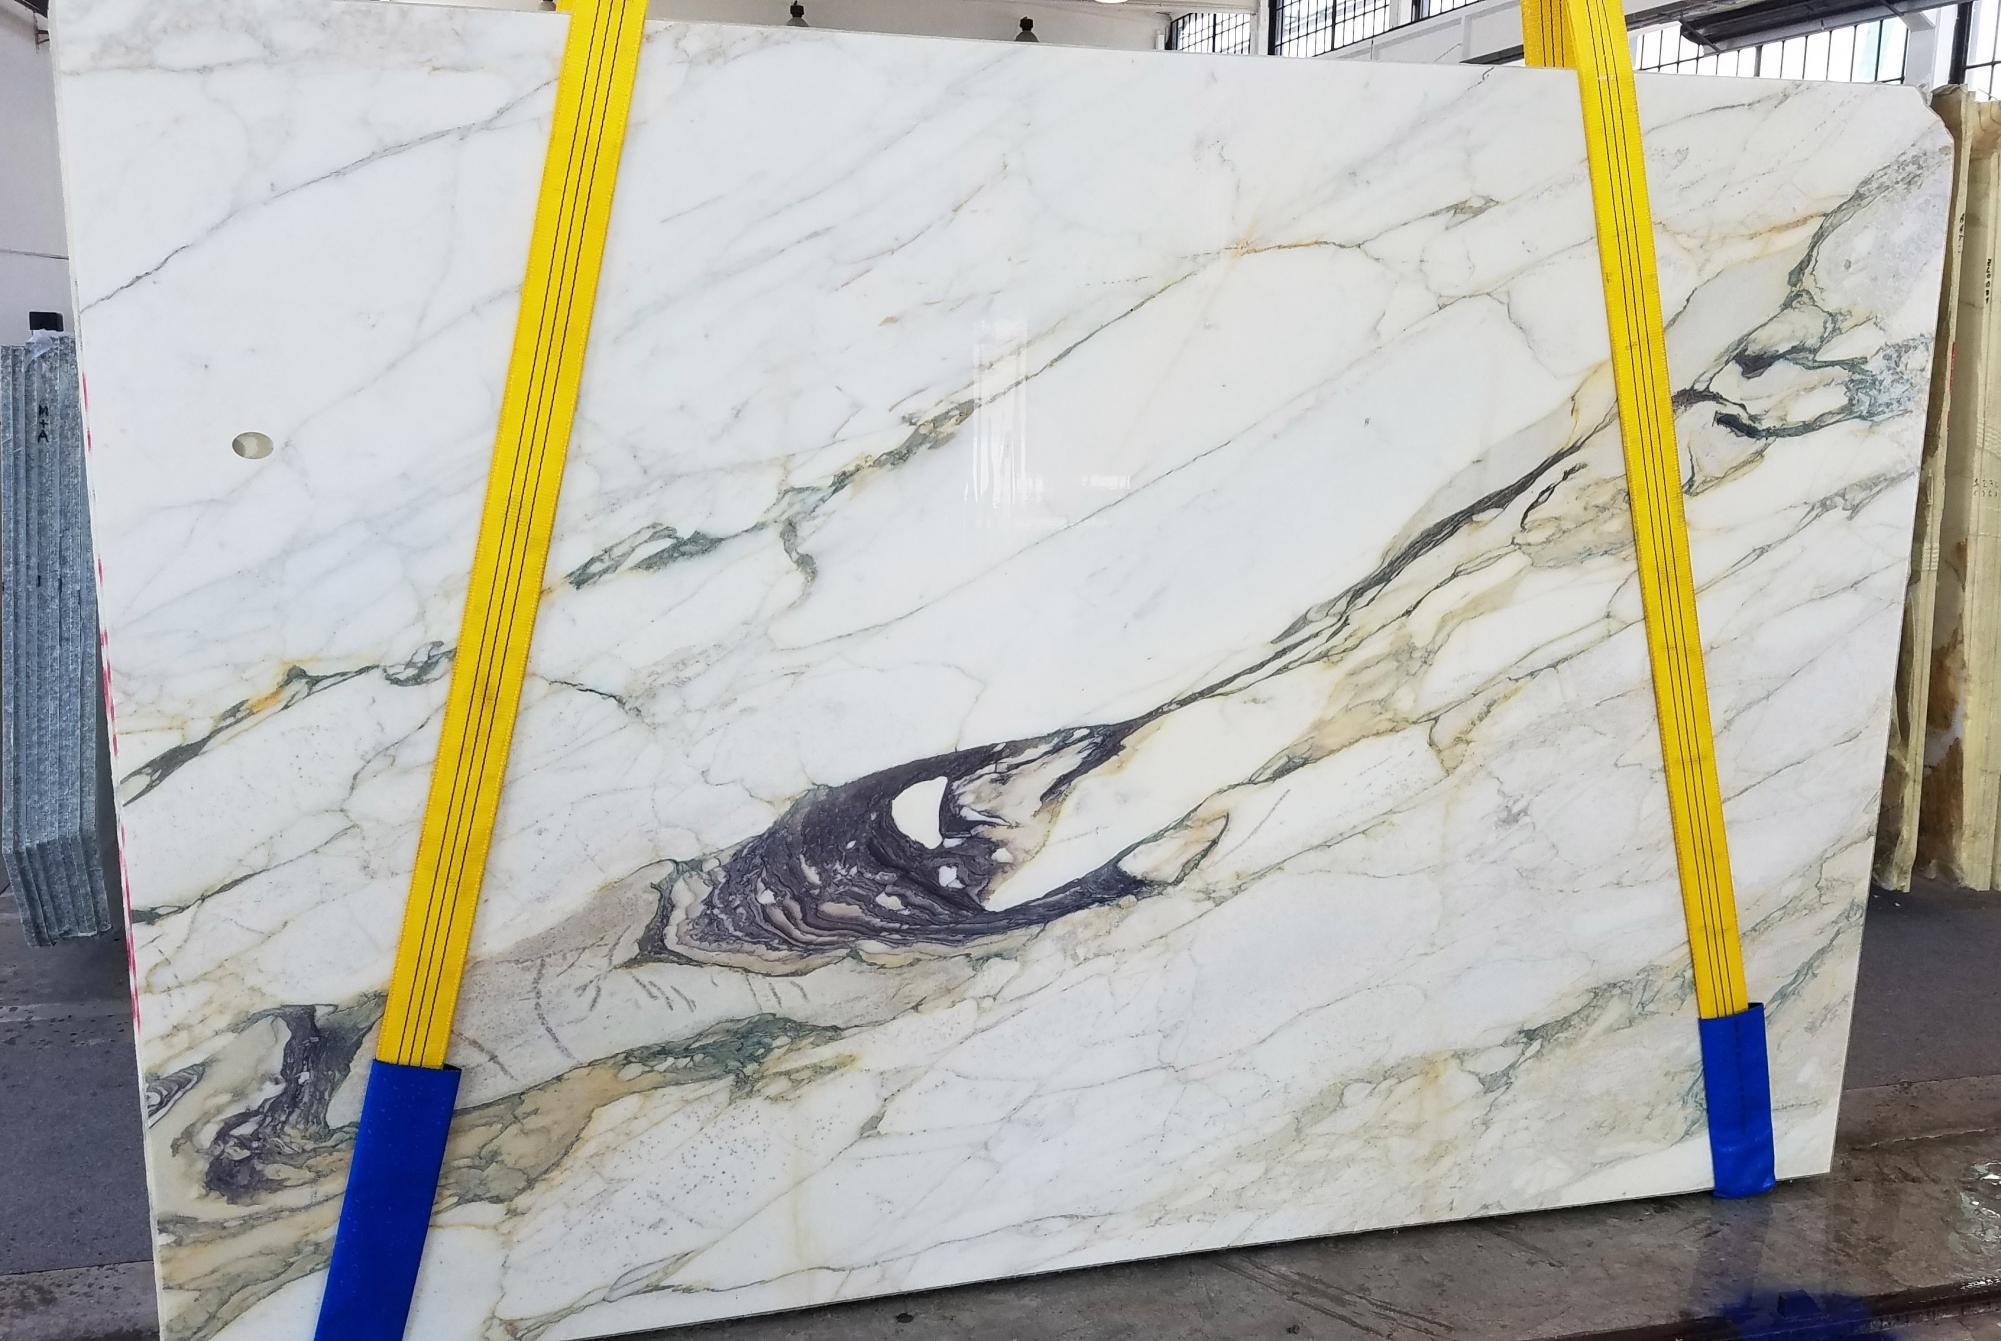 CALACATTA FIORITO gesägte Unmaßplatten U0433 aus Natur Marmor , Slab #08: Lieferung Veneto, Italien